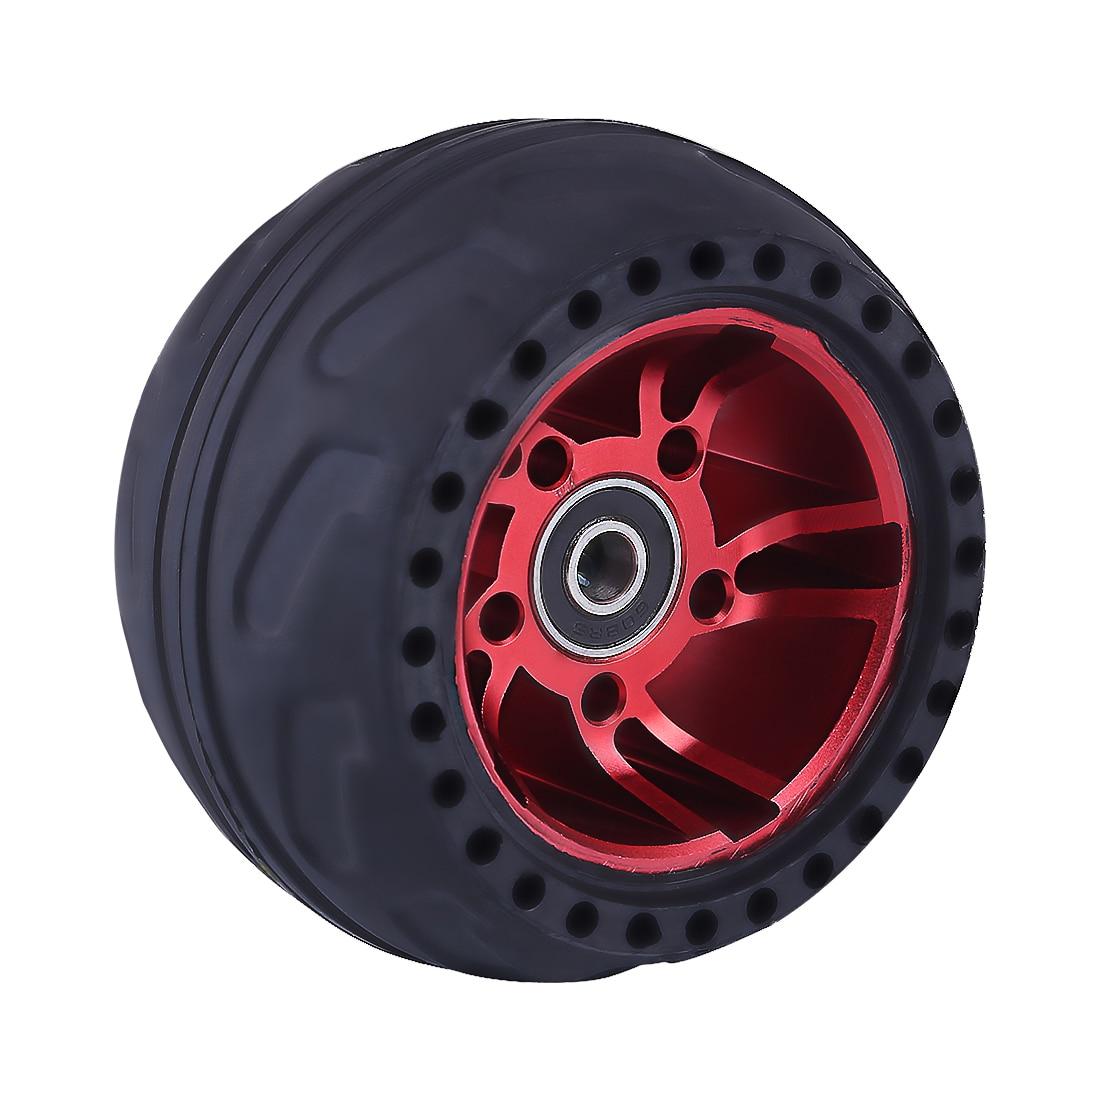 105LMH All Terrain Wheel Rubber Tire - Red